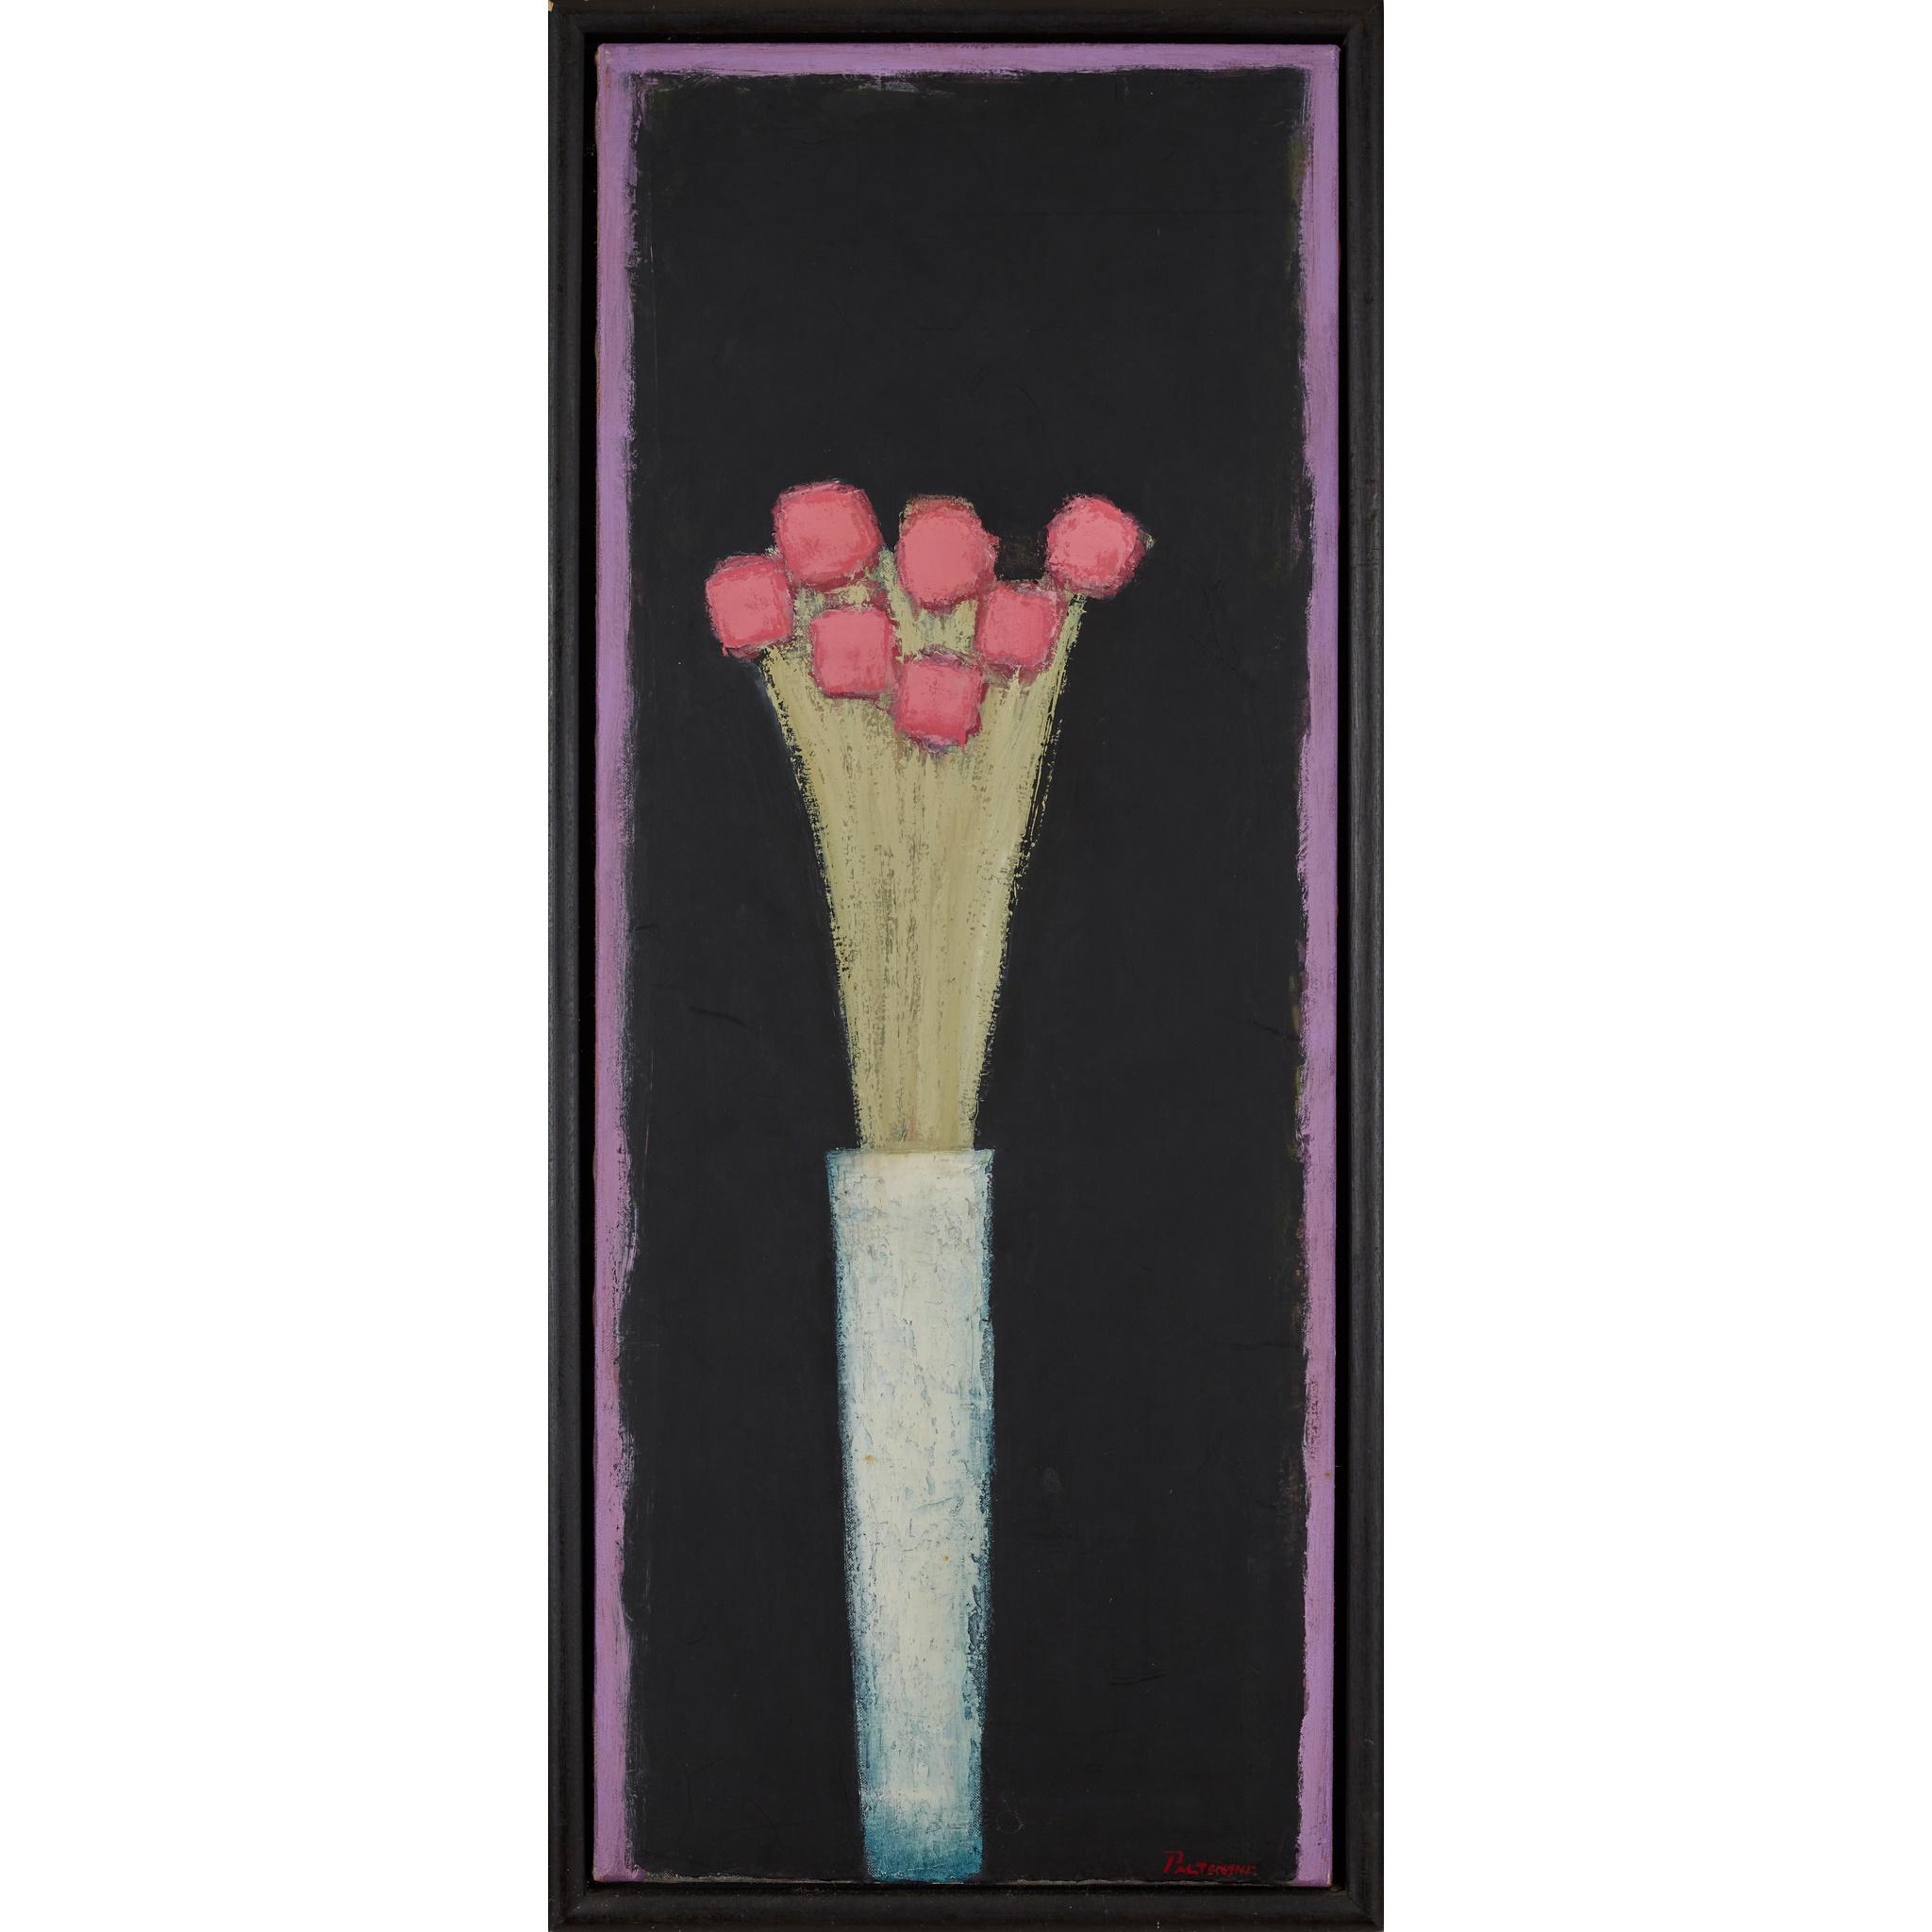 § JULIAN PALTENGHI (BRITISH 1955-) PINKS, C. 1980 - Image 2 of 3